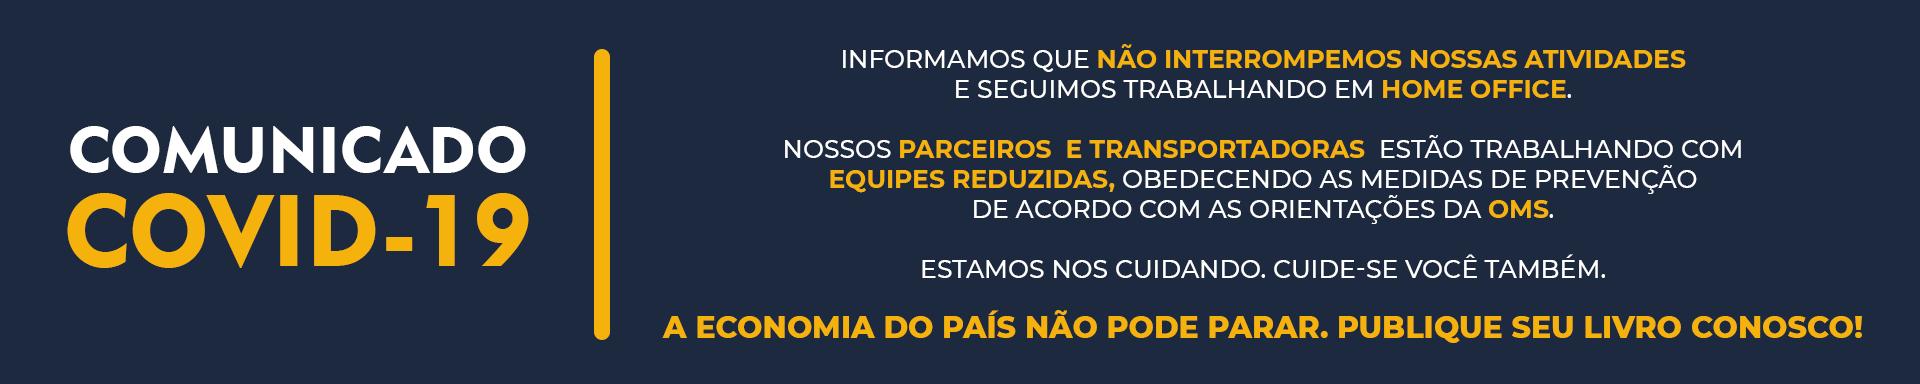 Fontenele Publicações / 11 95150-3481 / 11  95150-4383 COMUNICADO COVID-19